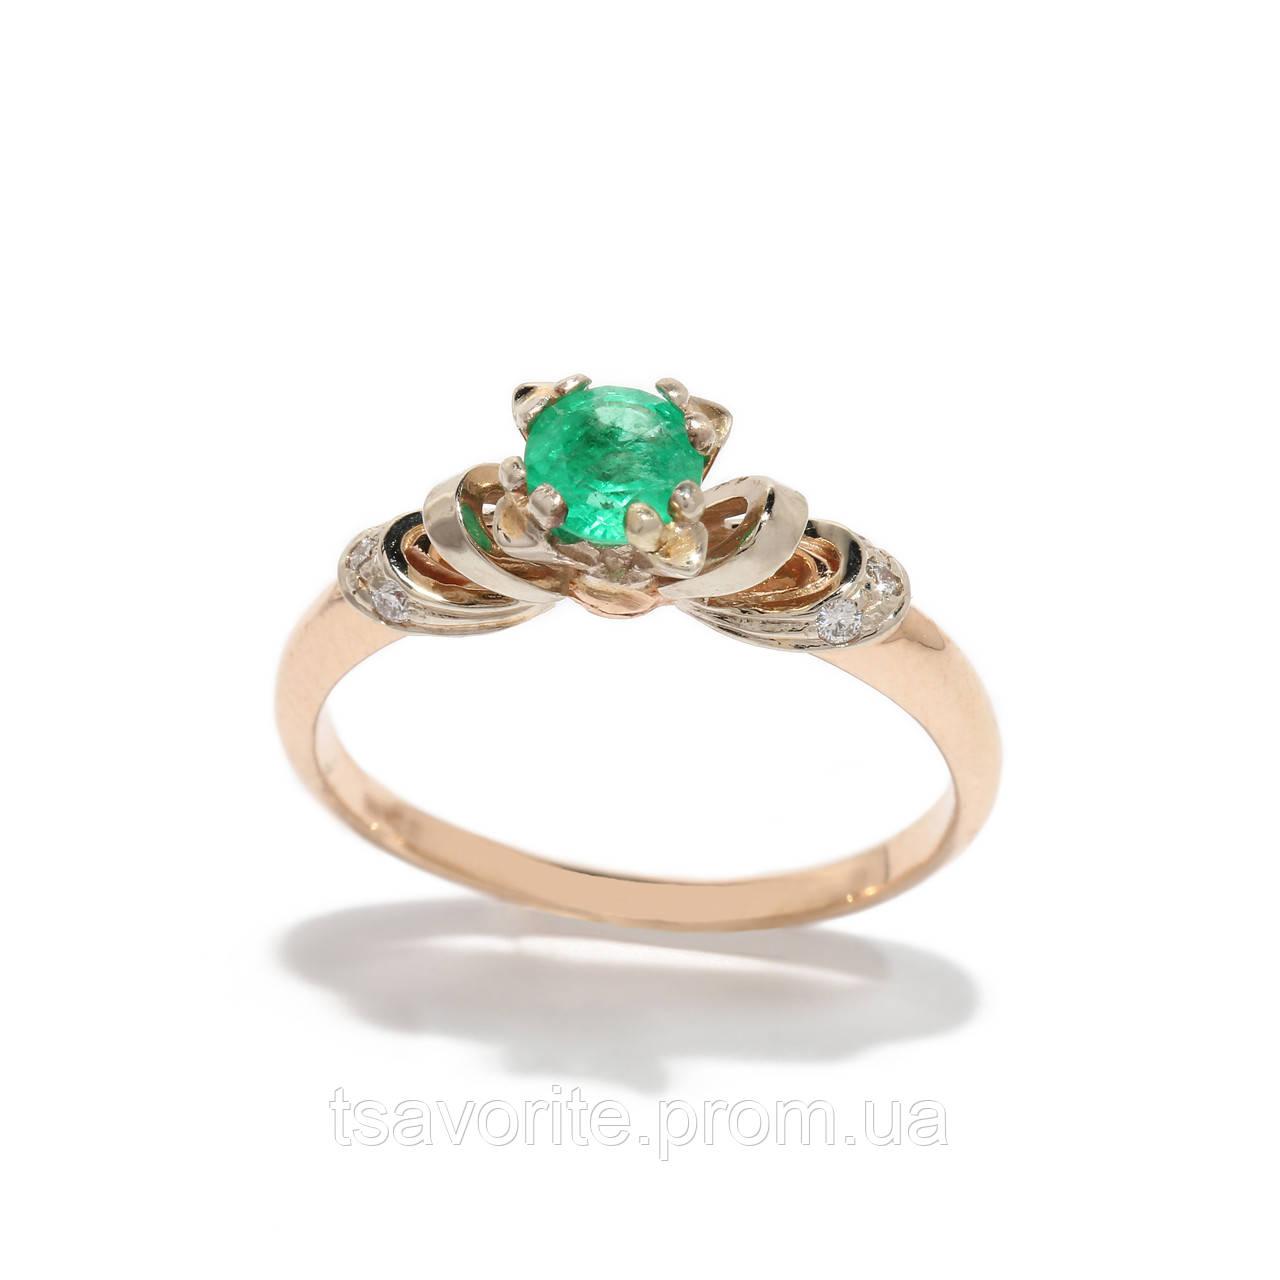 Золотое кольцо с изумрудом и бриллиантами 2231535